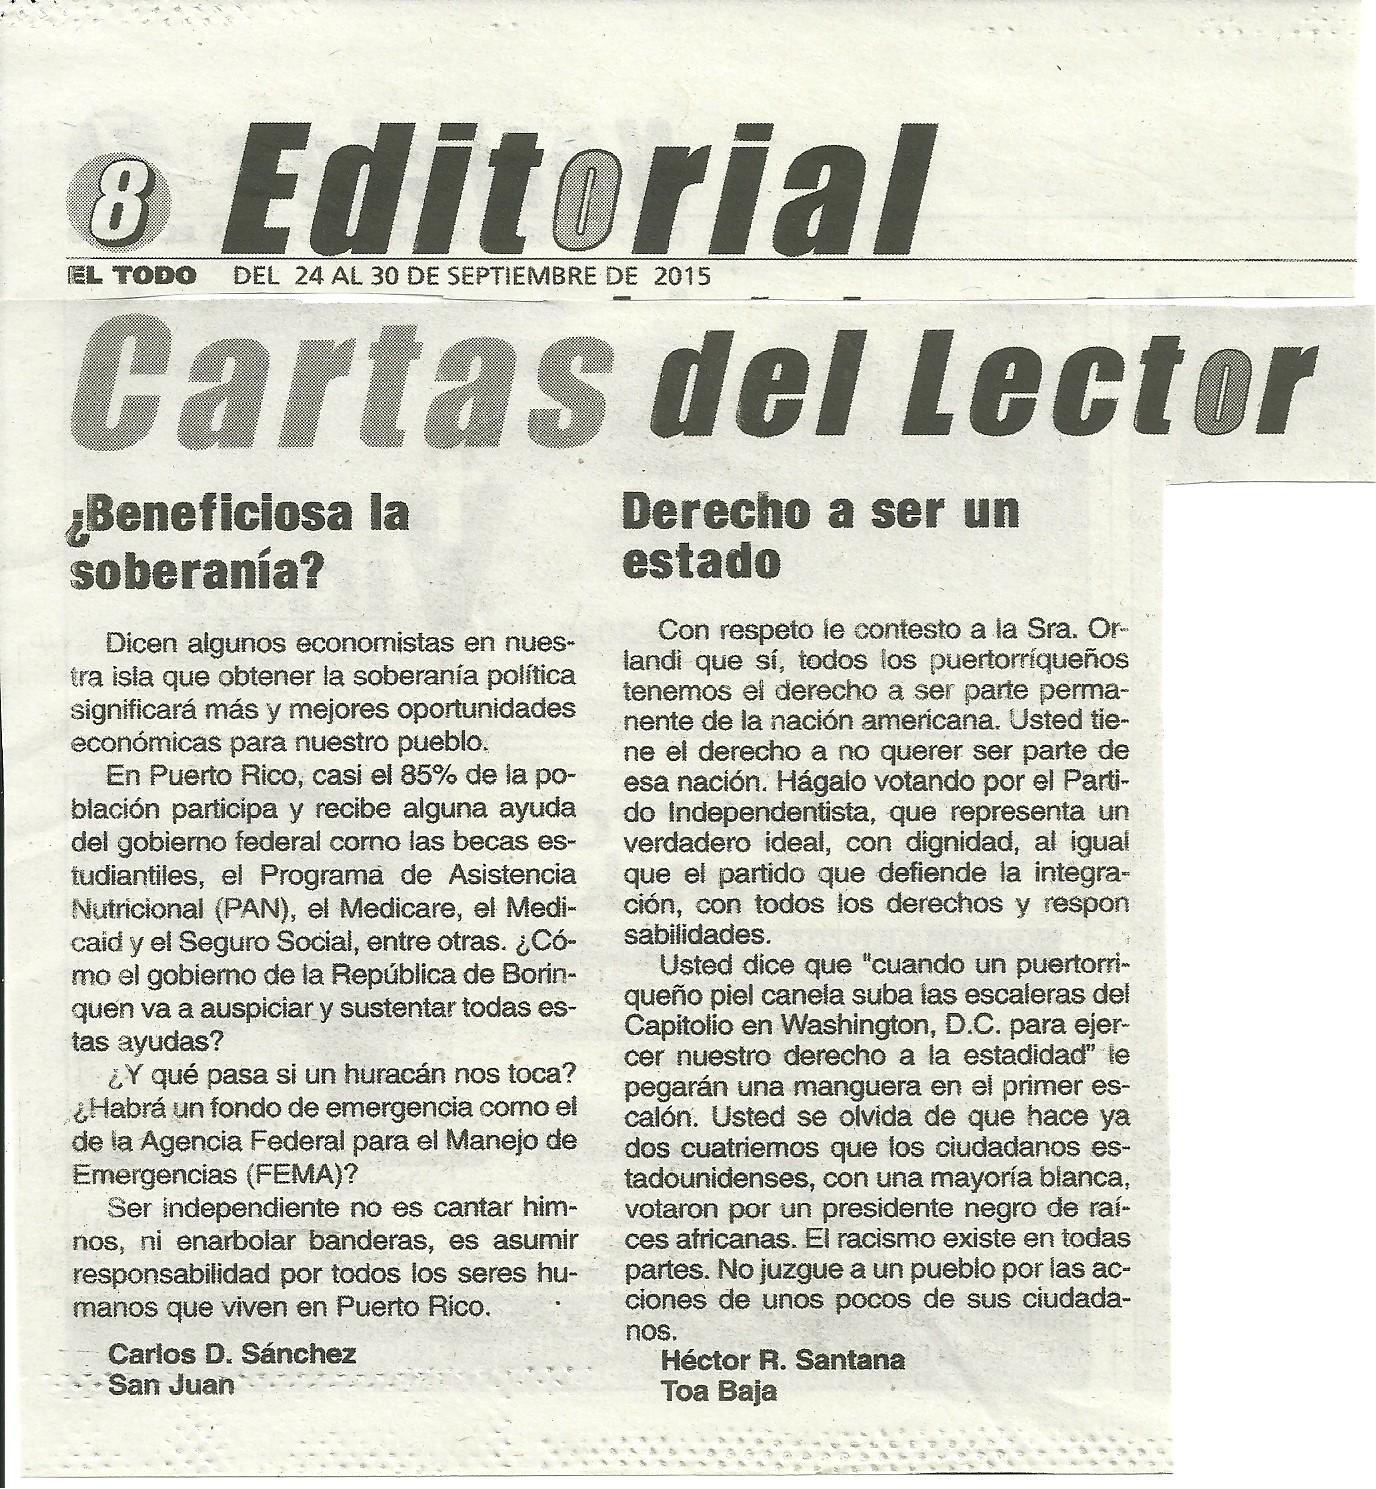 Compa eros unidos para la descolonizaci n de puerto rico for Ejemplo de una editorial de un periodico mural